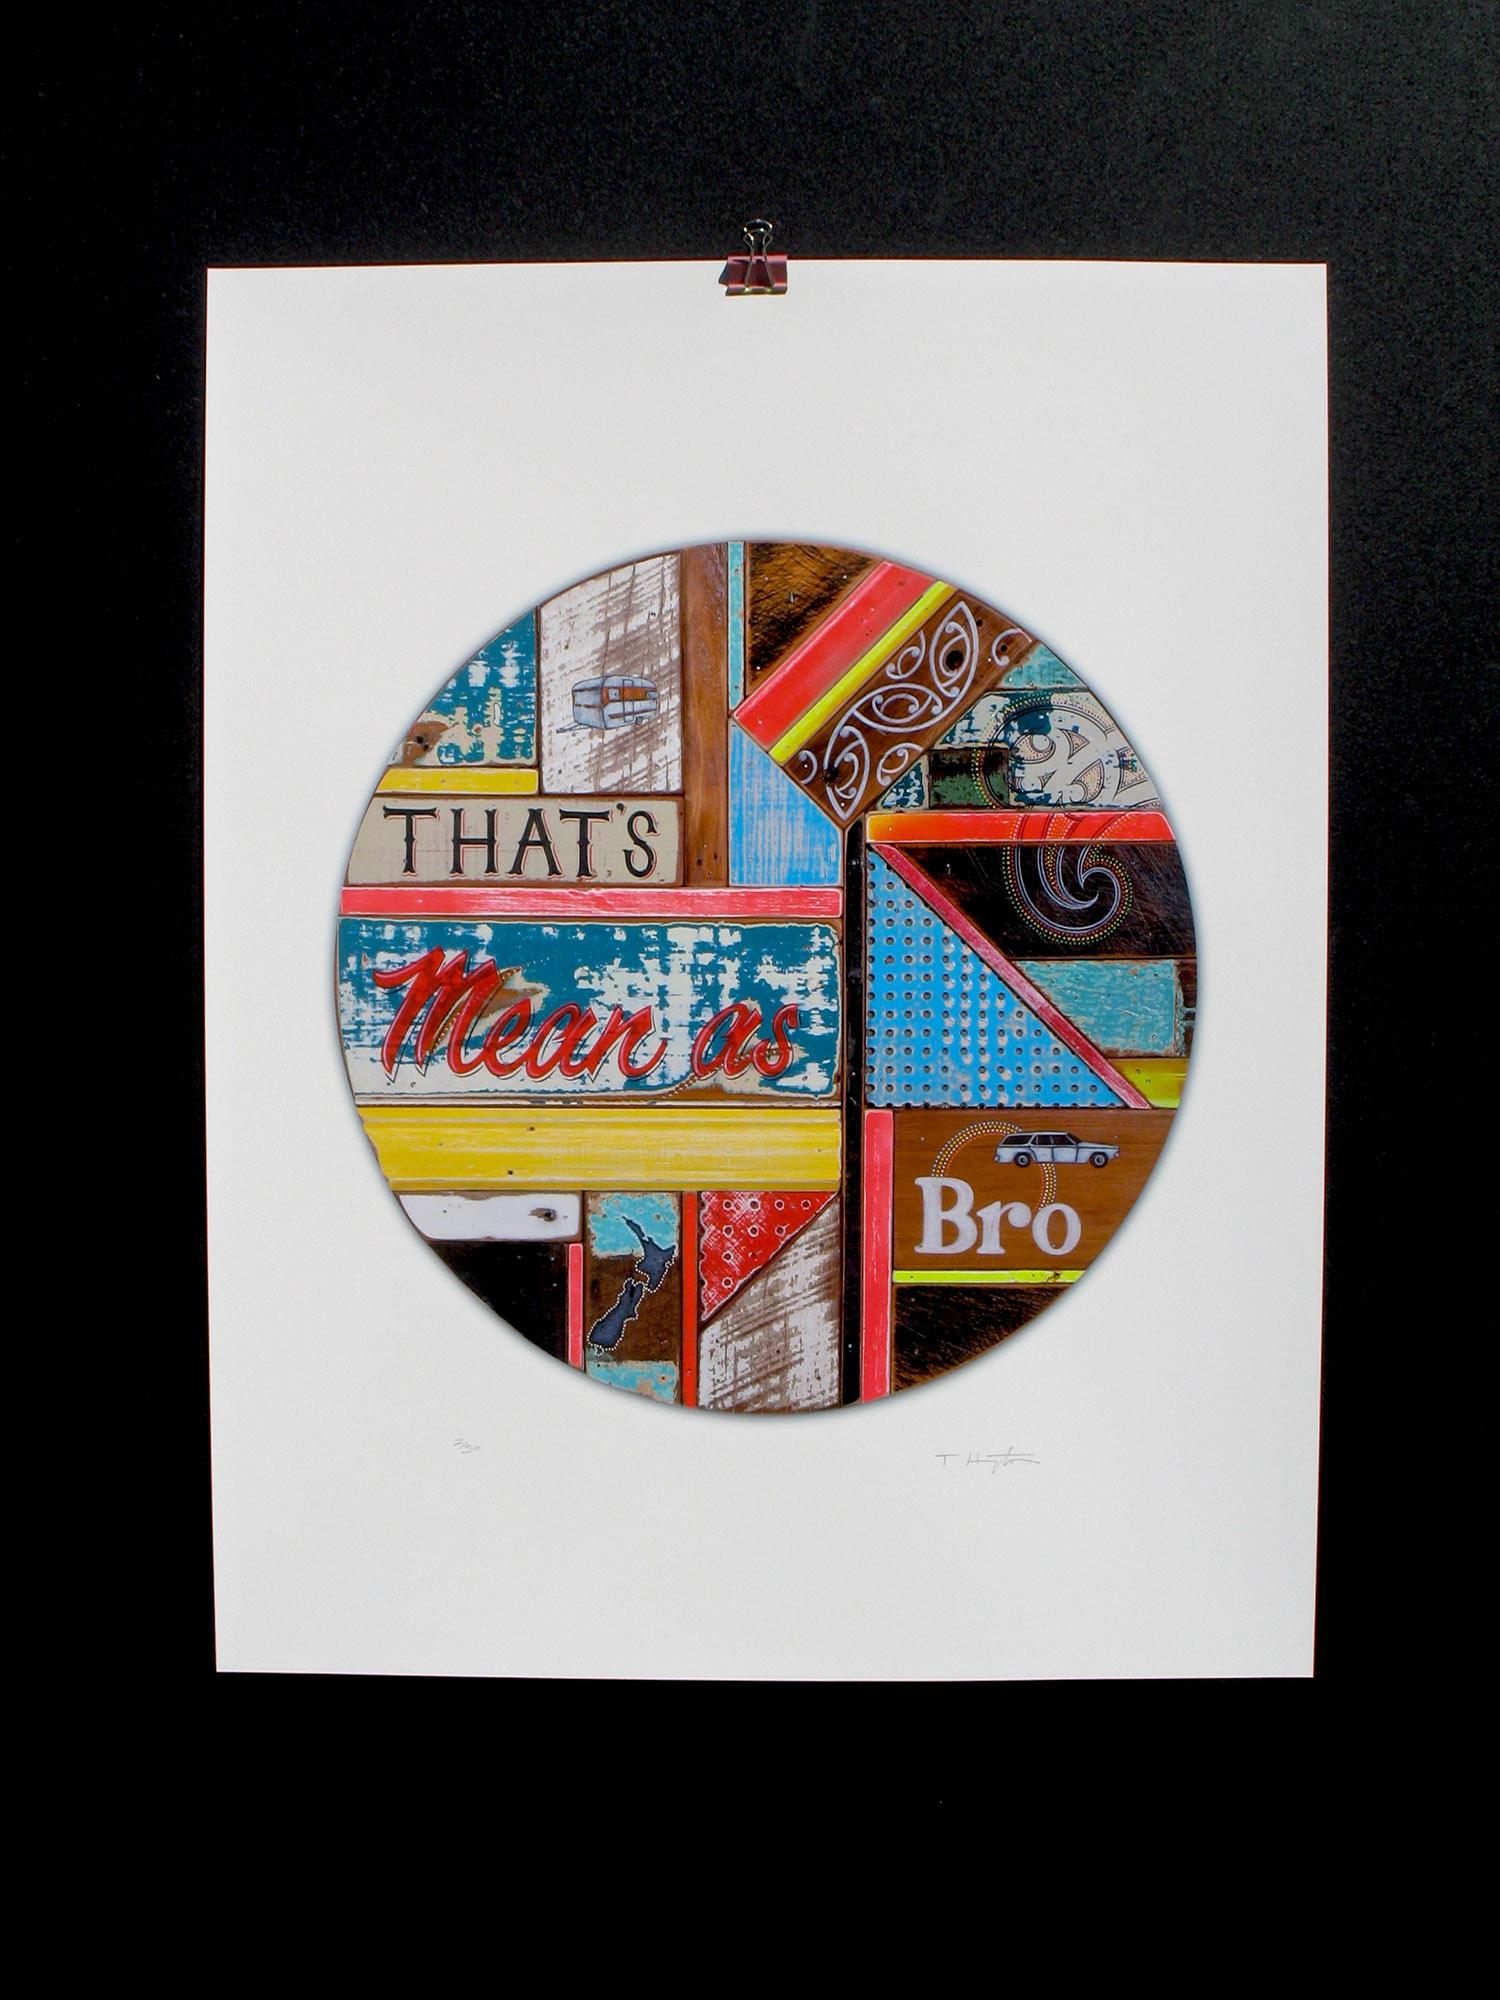 Mean-As-Bro-Print-by-Tony-Harrington